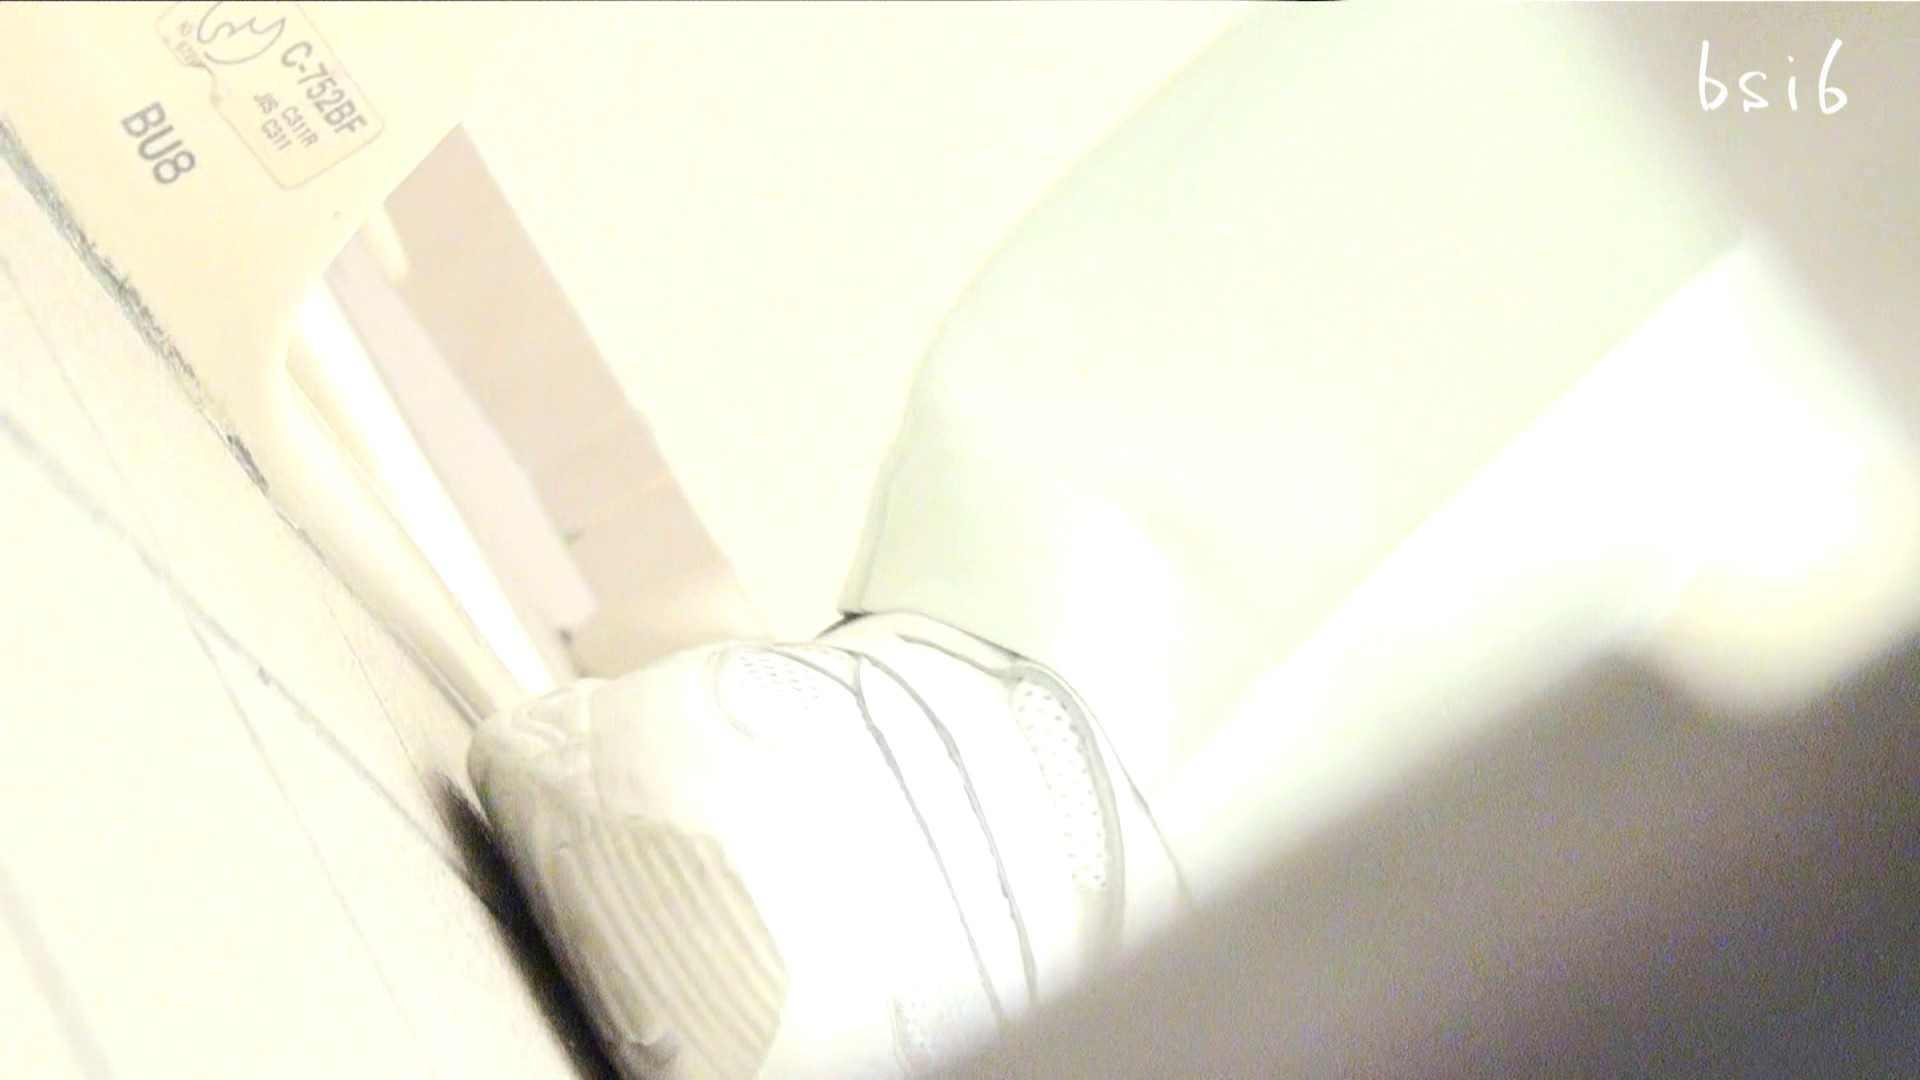 至高下半身盗撮-PREMIUM-【院内病棟編 】 vol.06 盗撮師作品  69pic 35